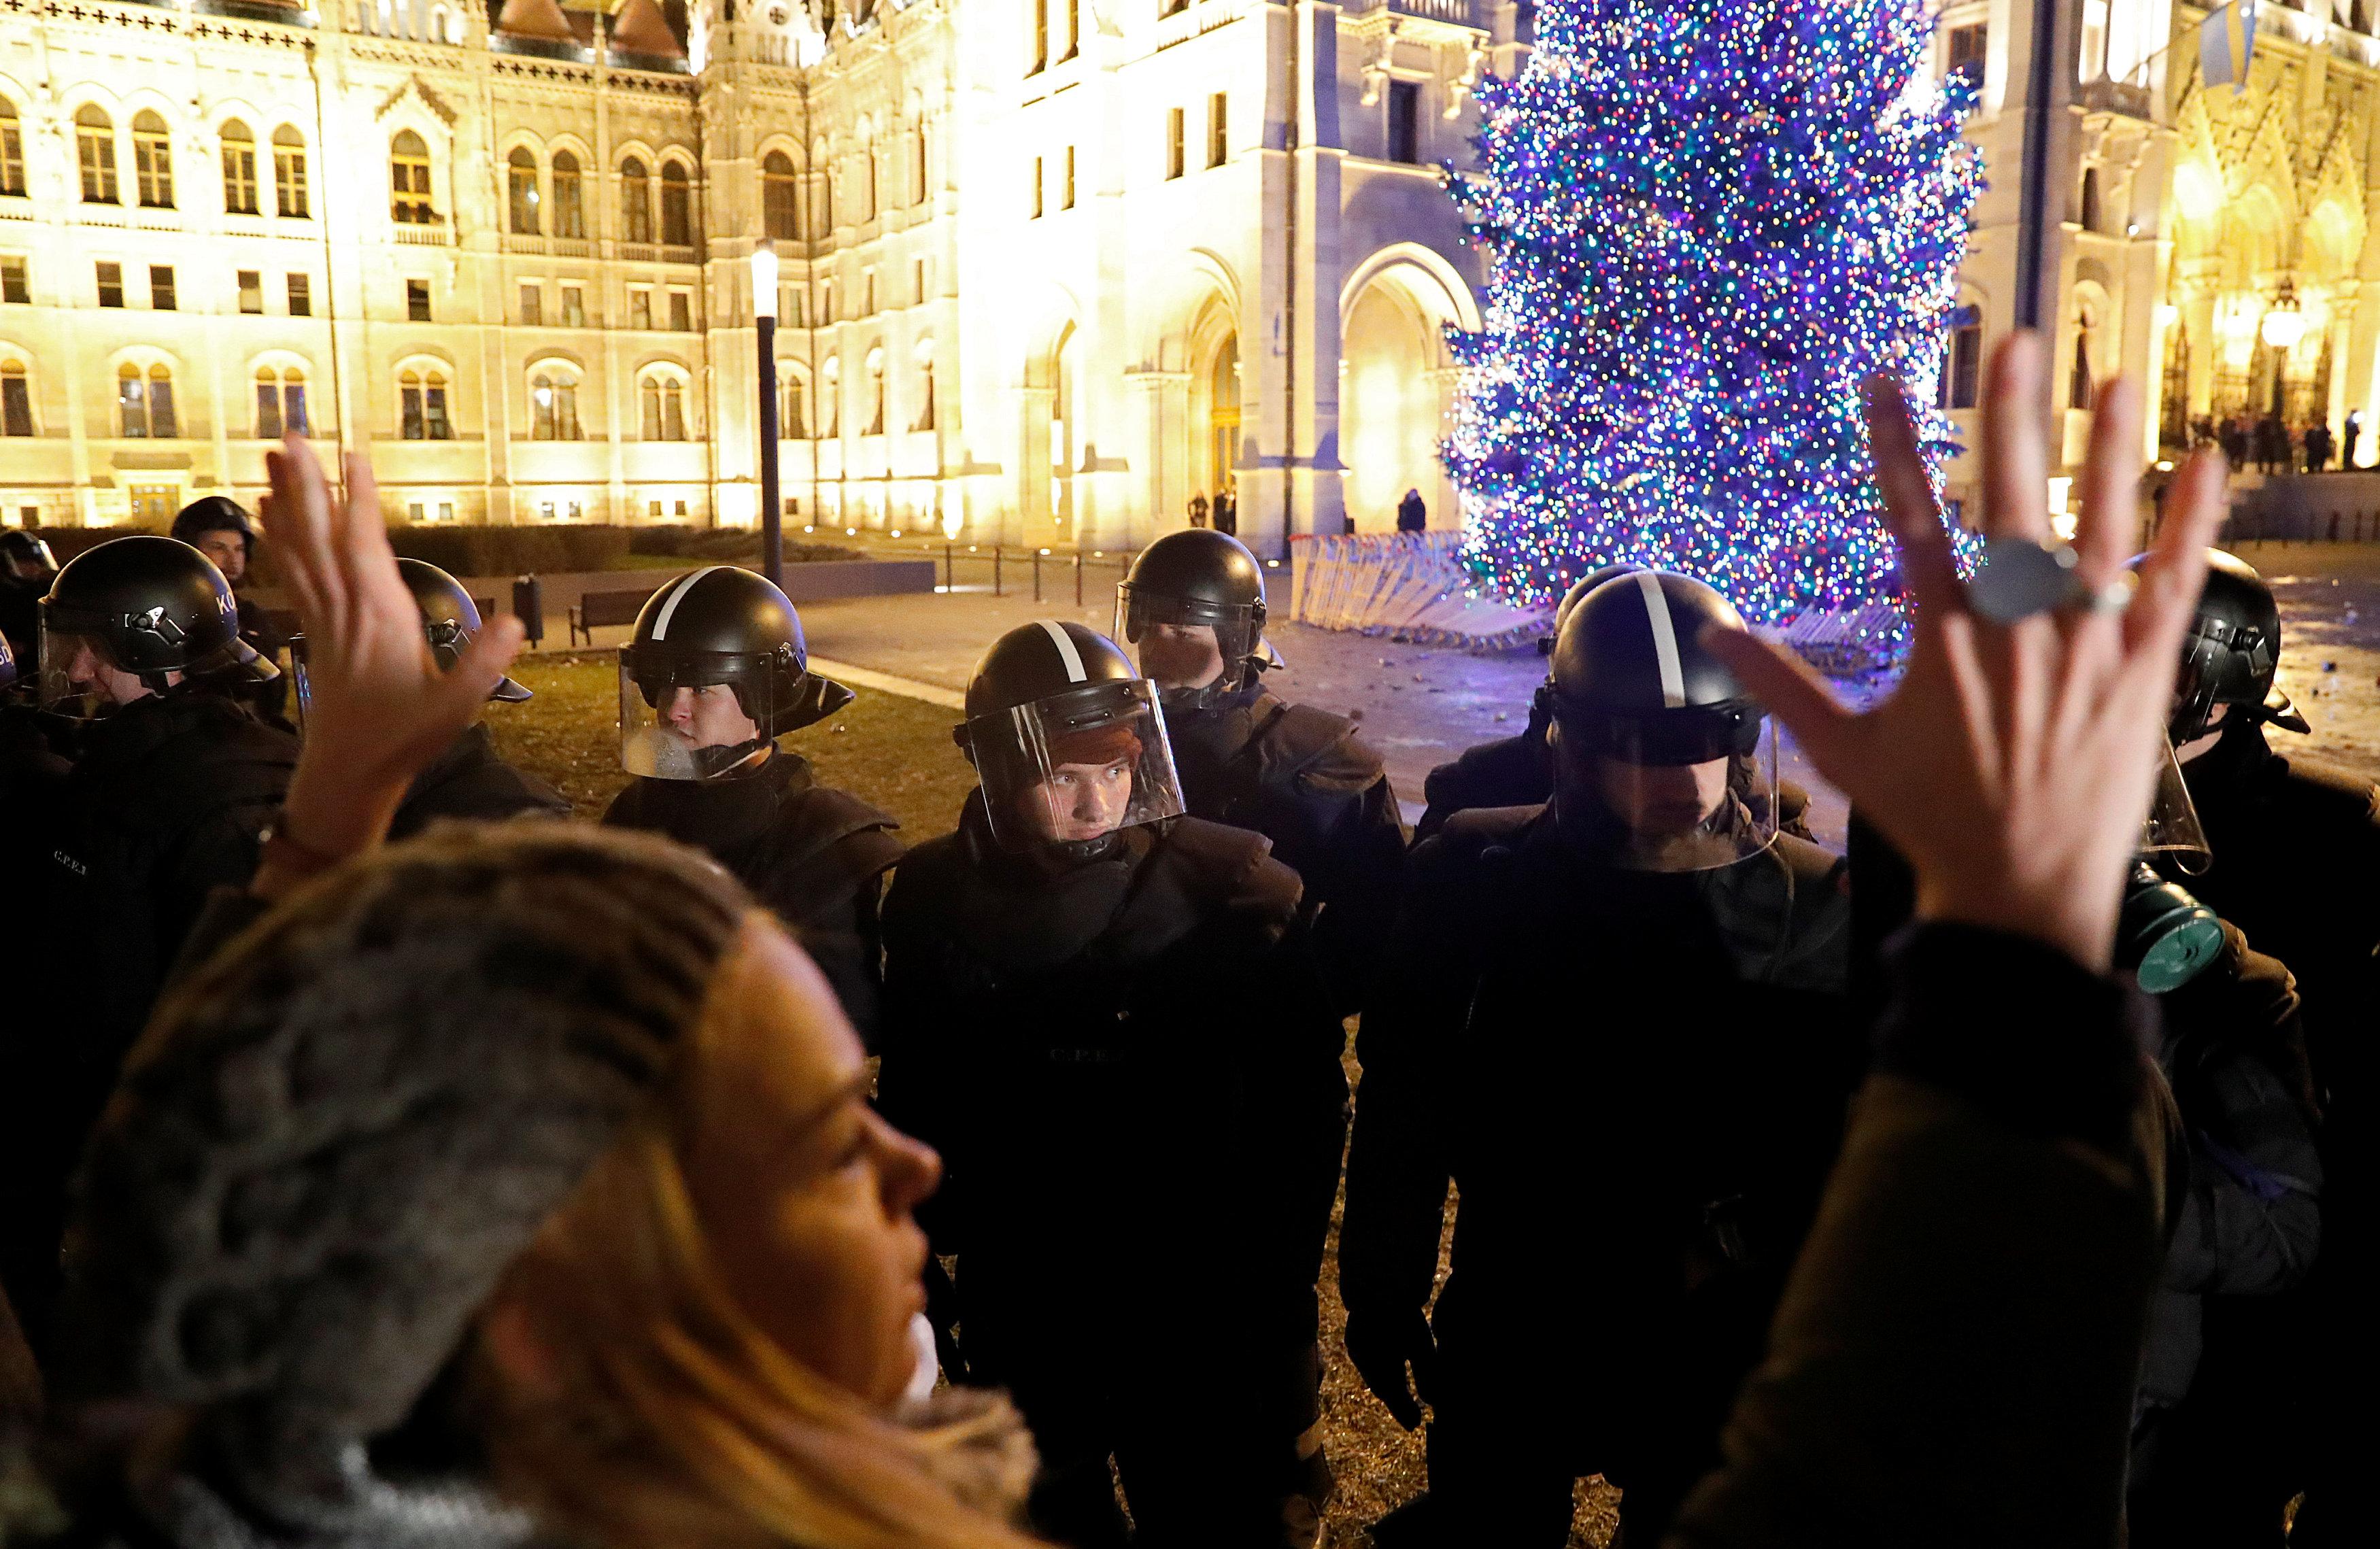 احتجاجات فى المجر ضد قانون العمل الجديد (9)